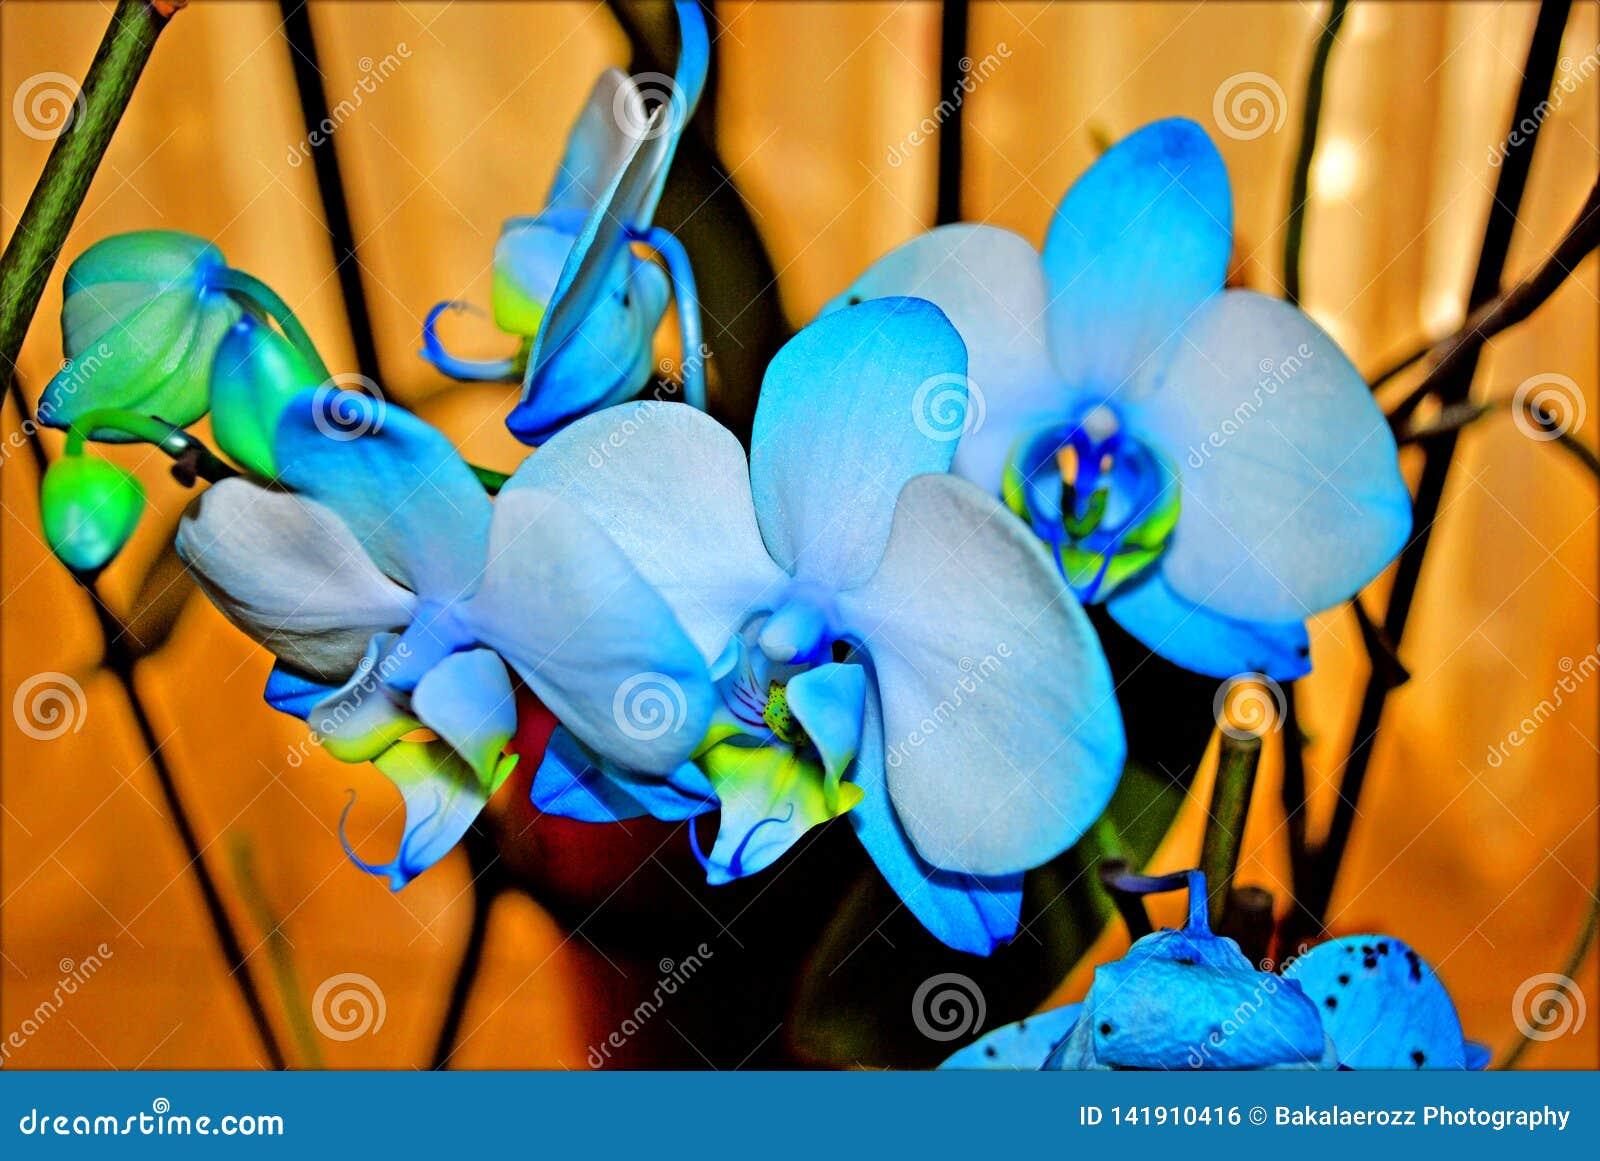 Het de blauwe achtergrond en behang van orchideeënbloemen in hoge bovenkant - kwaliteitsdrukken